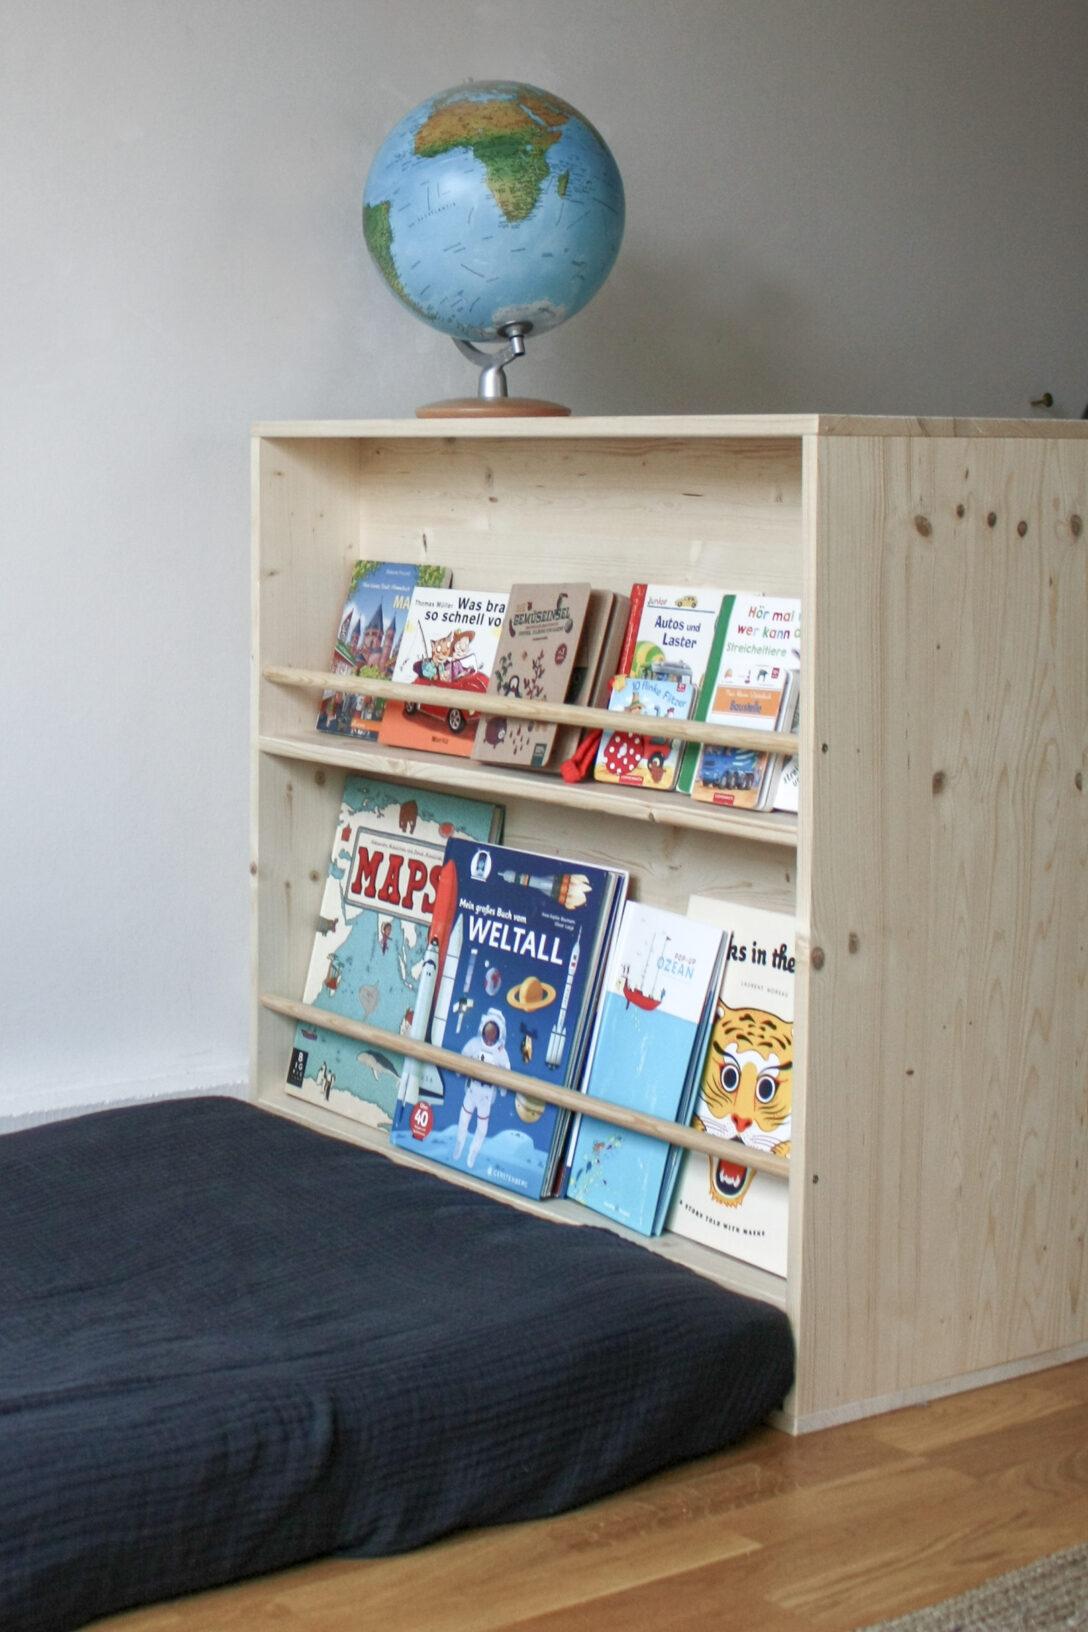 Large Size of Bücherregal Kinderzimmer Diy Montessori Mbel Selber Bauen Kleiderschrank Und Bcherregal Regale Regal Weiß Sofa Kinderzimmer Bücherregal Kinderzimmer